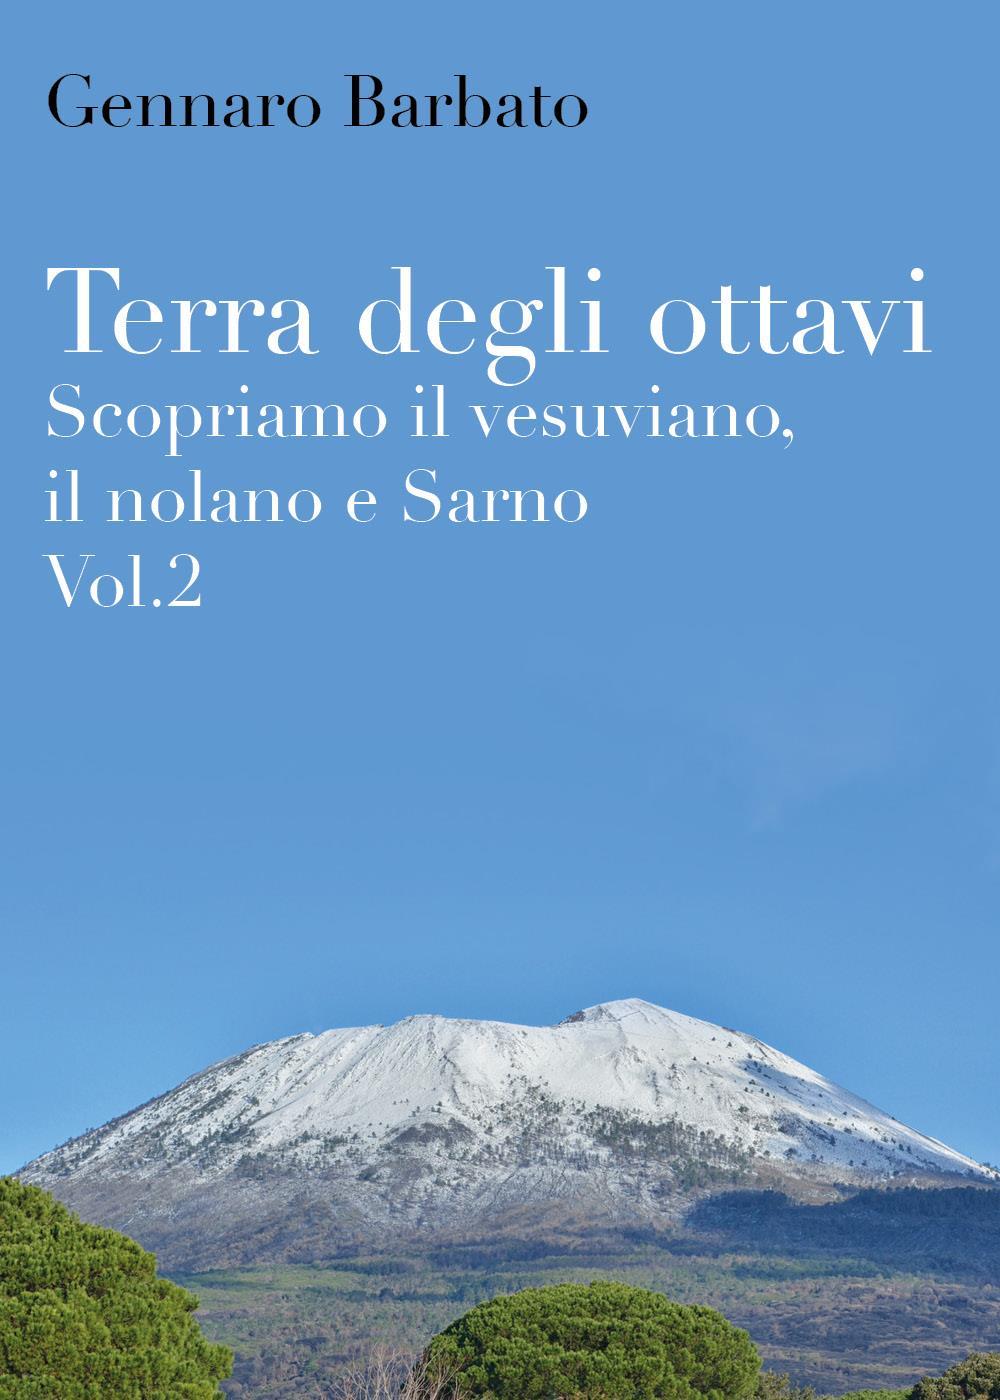 Terra degli ottavi. Scopriamo il vesuviano, il nolano e Sarno Vol.2